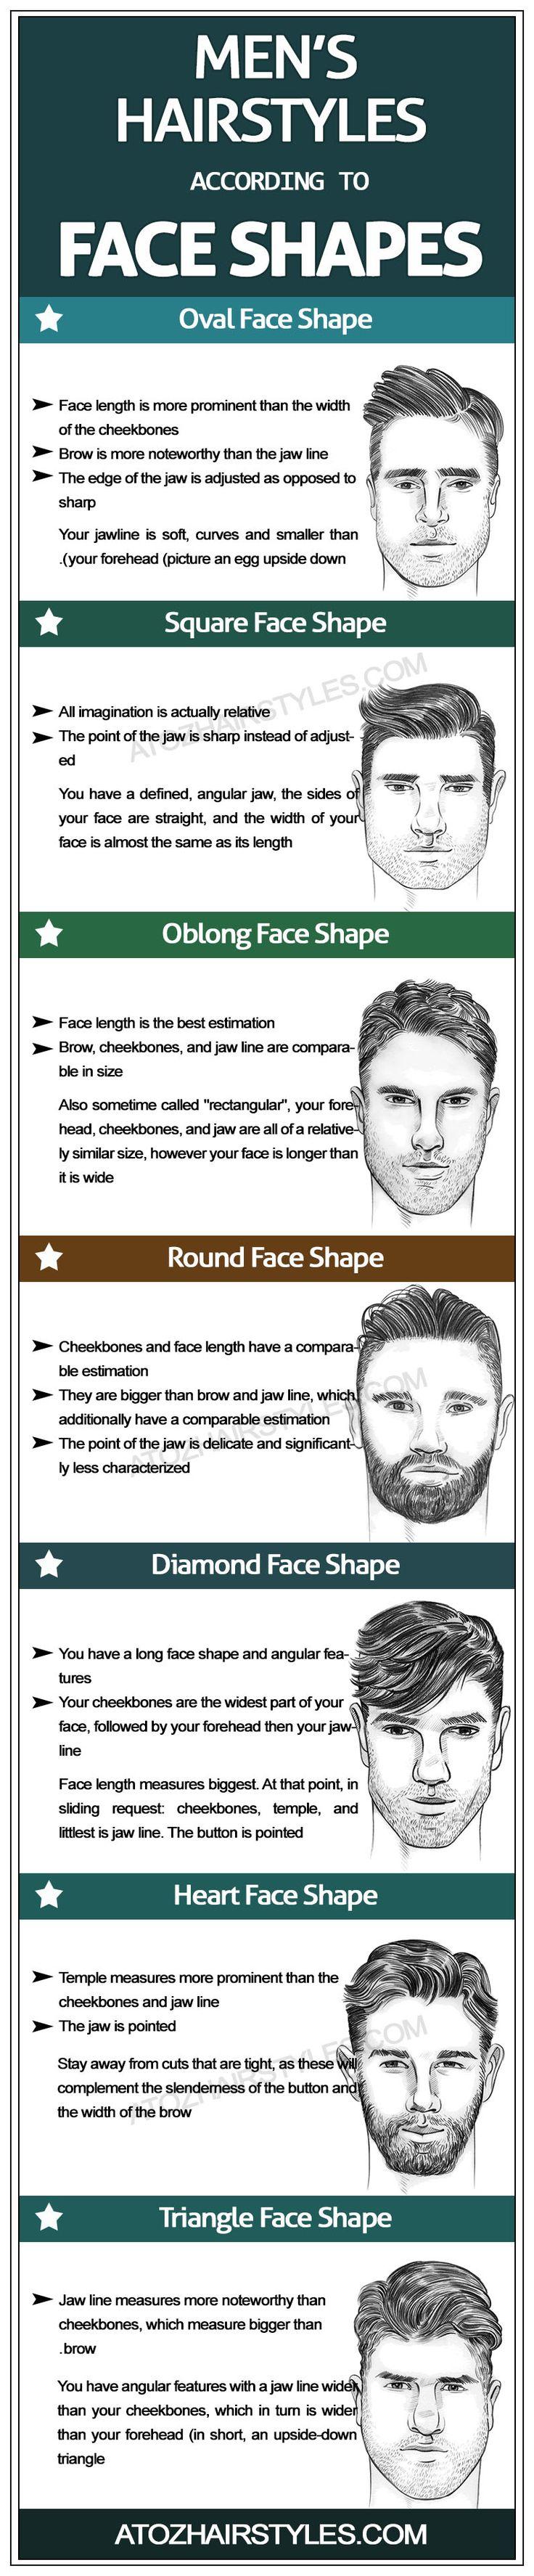 Frisuren für Männer nach Gesichtsform